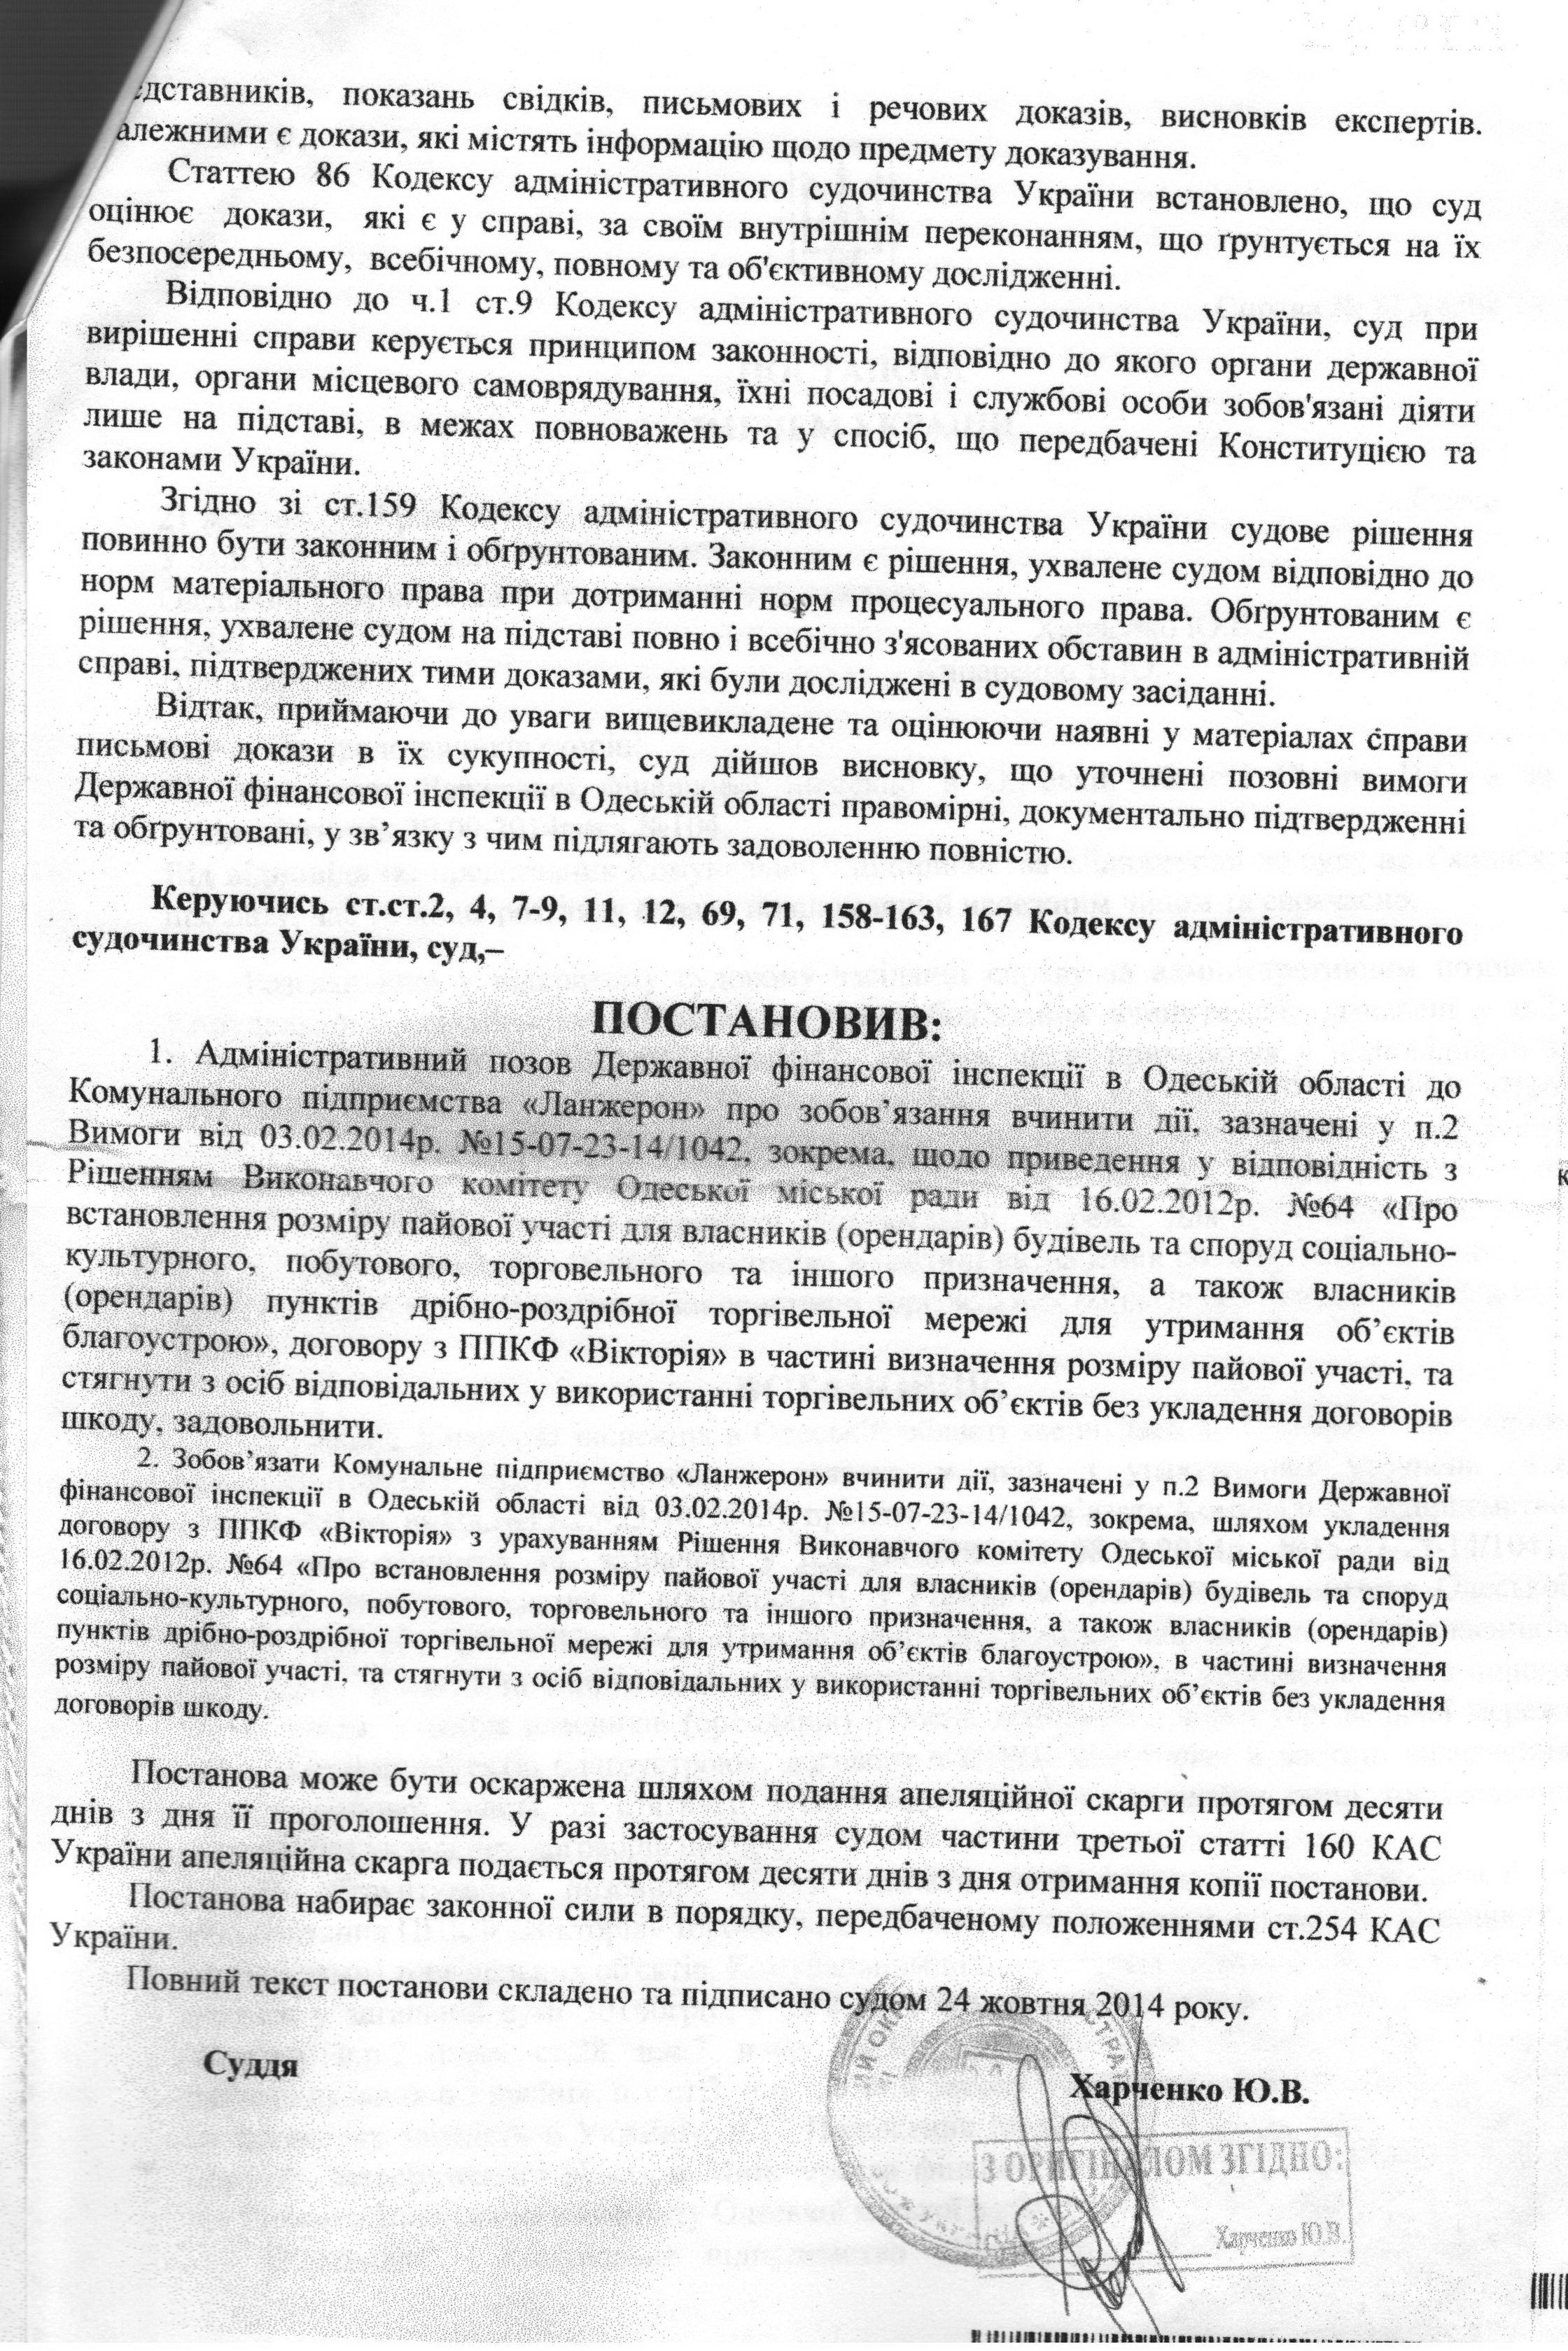 док харченко